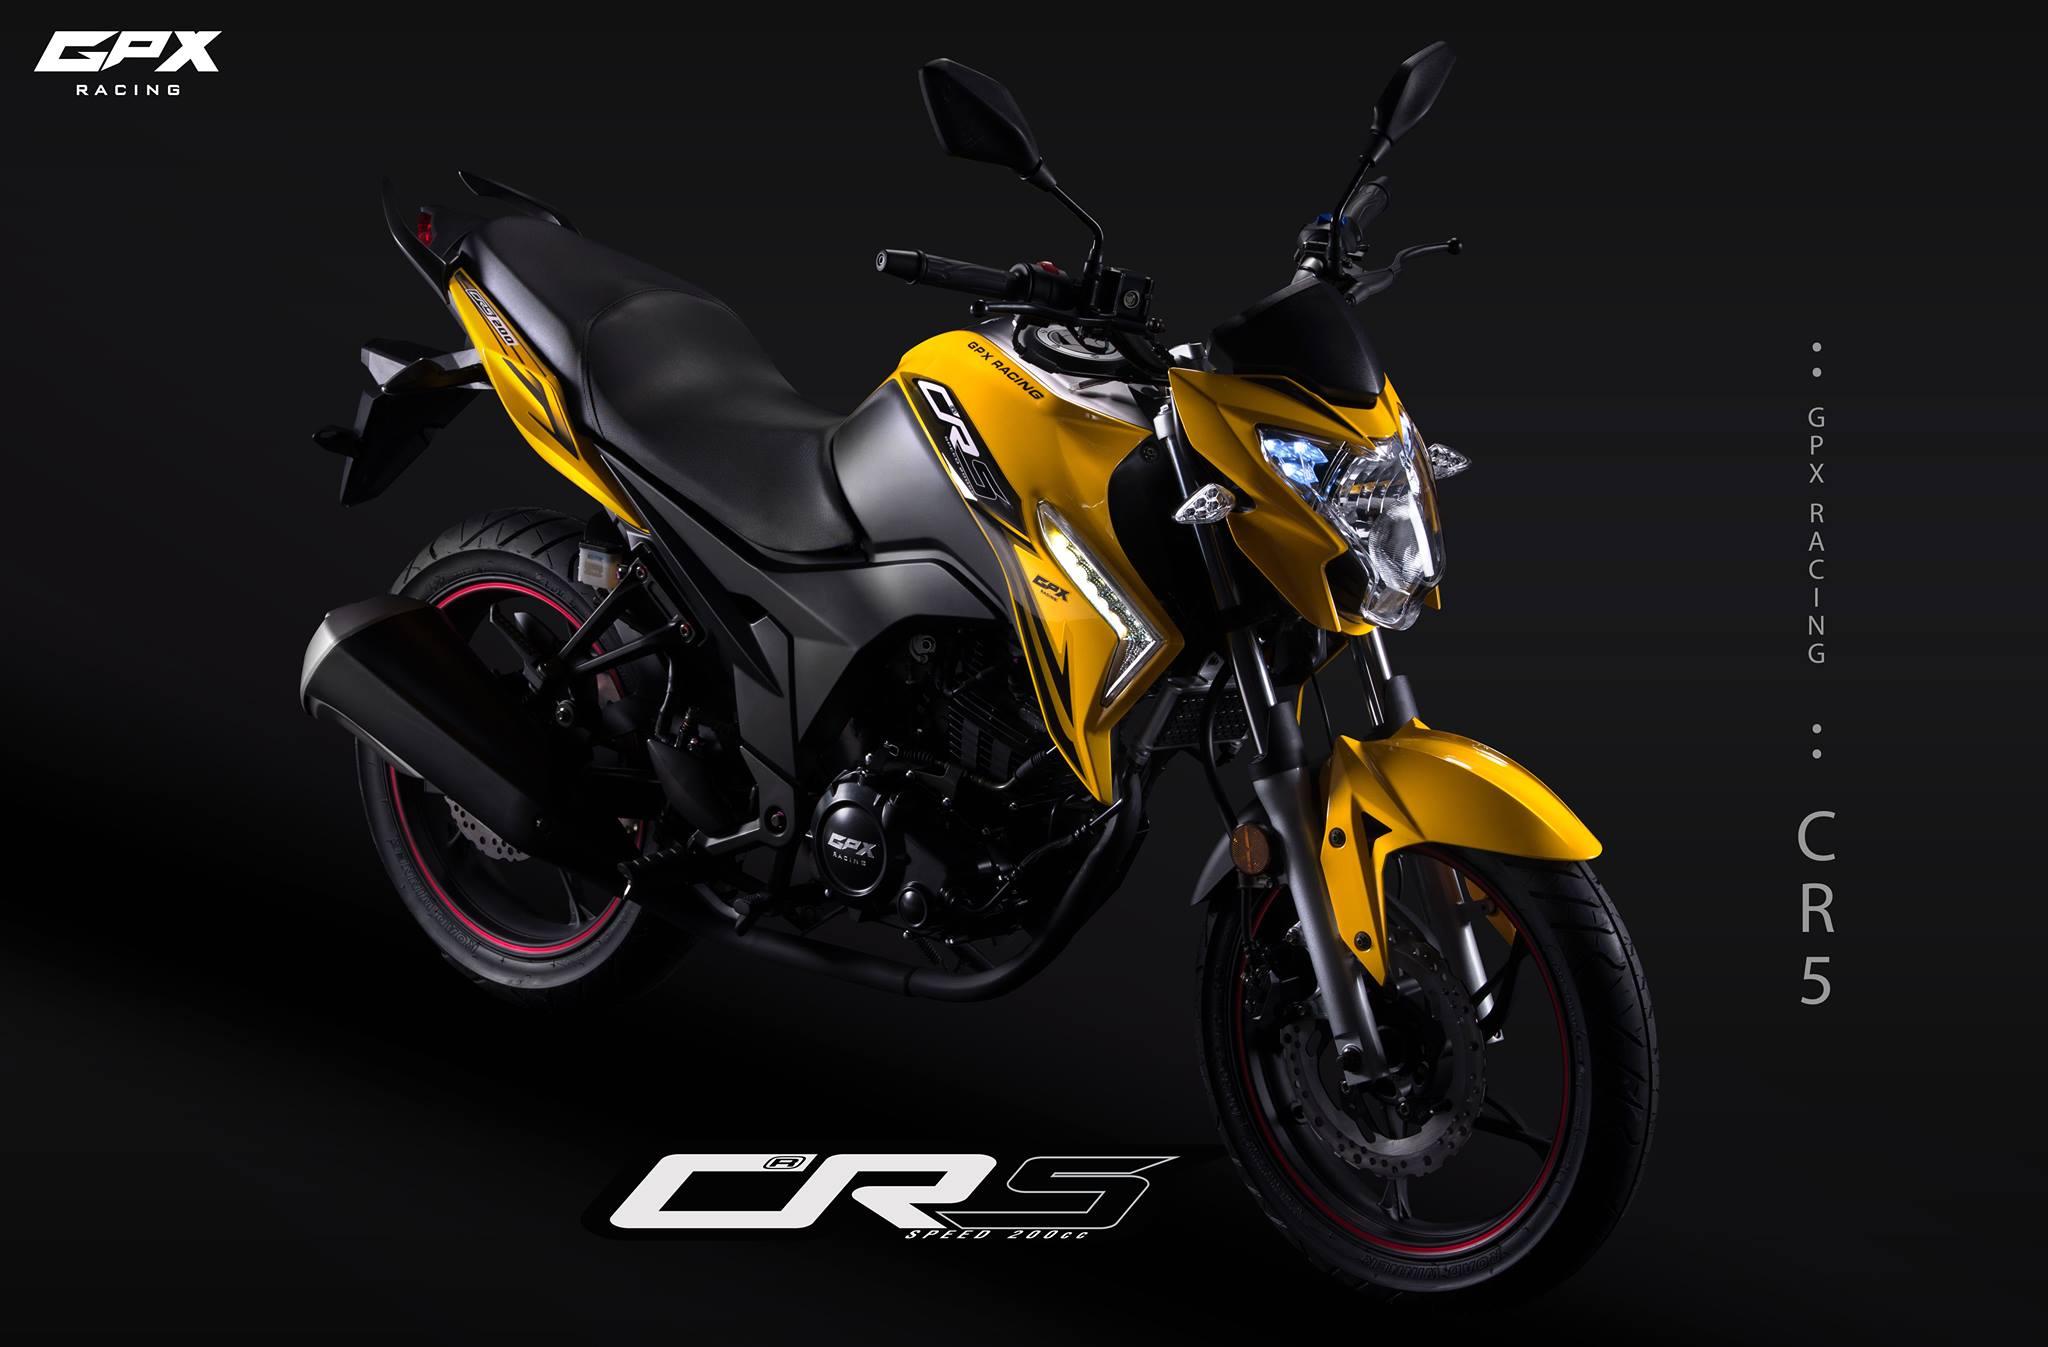 โฟลท - รัฐพงษ์ วิไลโรจน์ น้องใหม่ทีม Yamaha Thailand